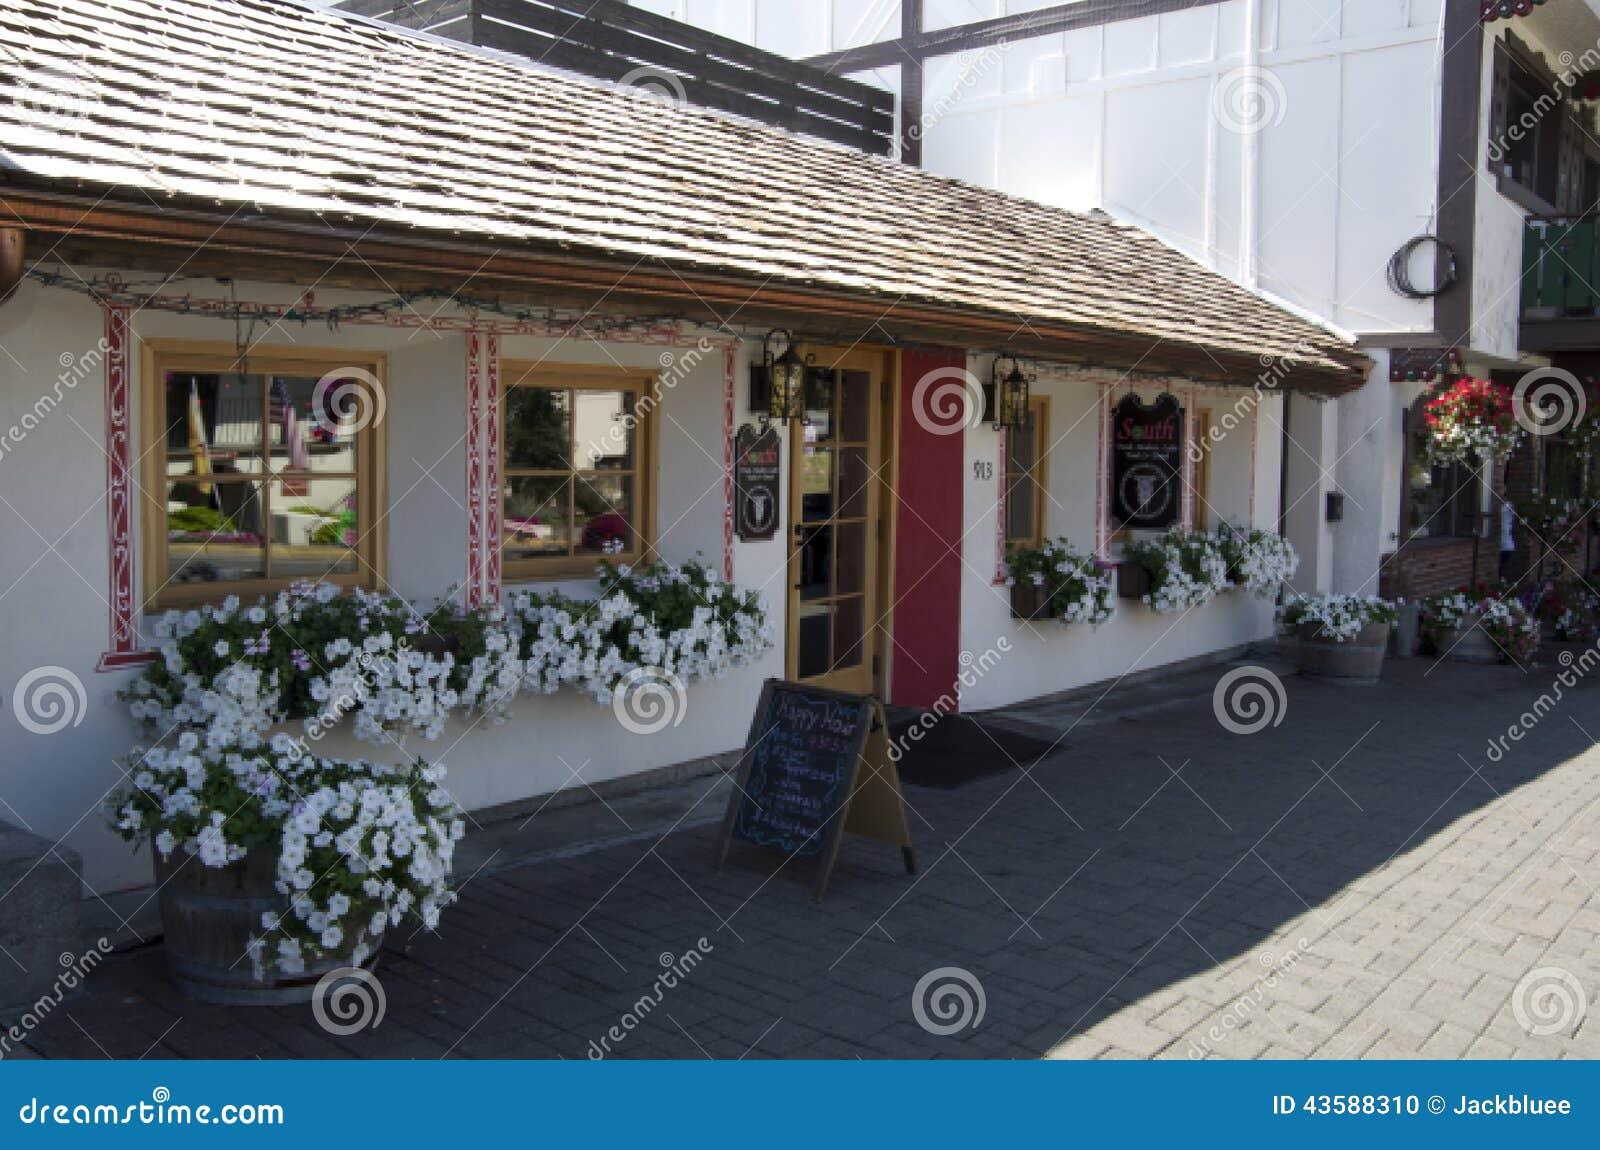 Leavenworth tyskstad